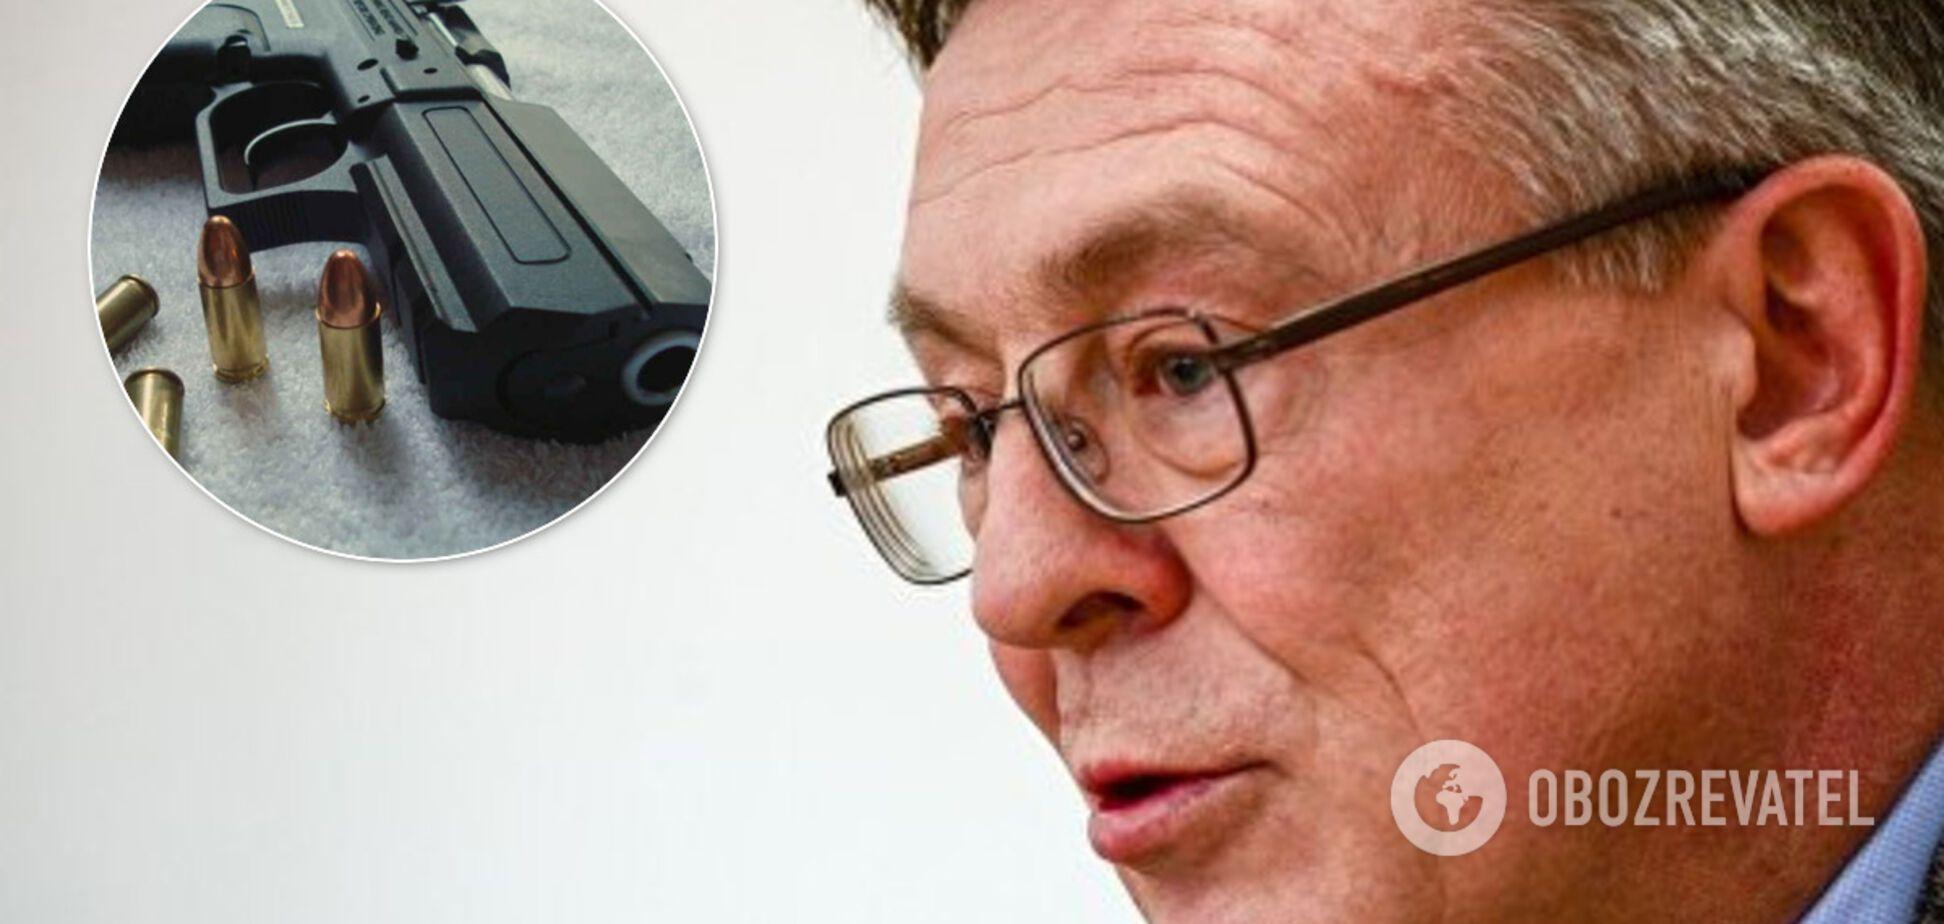 Під Києвом у будинку ексміністра знайдено застреленого чоловіка - ЗМІ